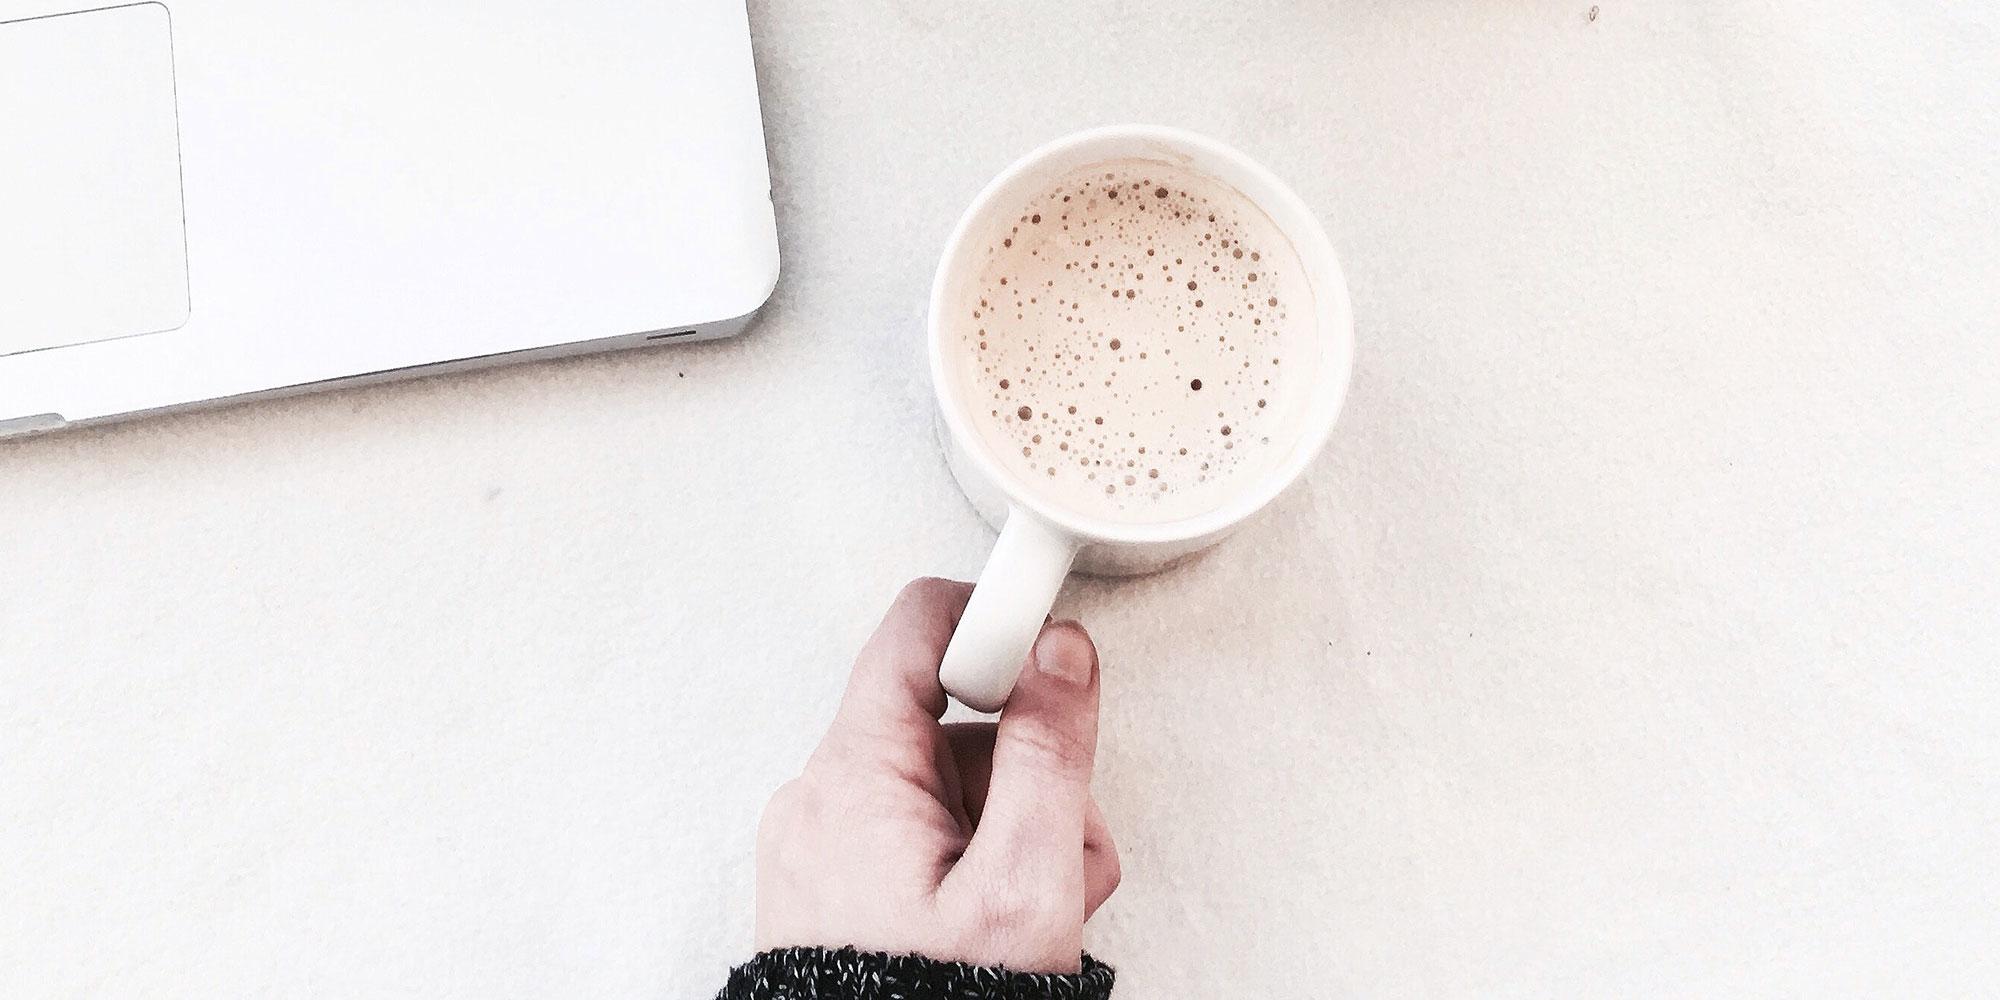 簡單入喉膠原蛋白防彈拿鐵咖啡